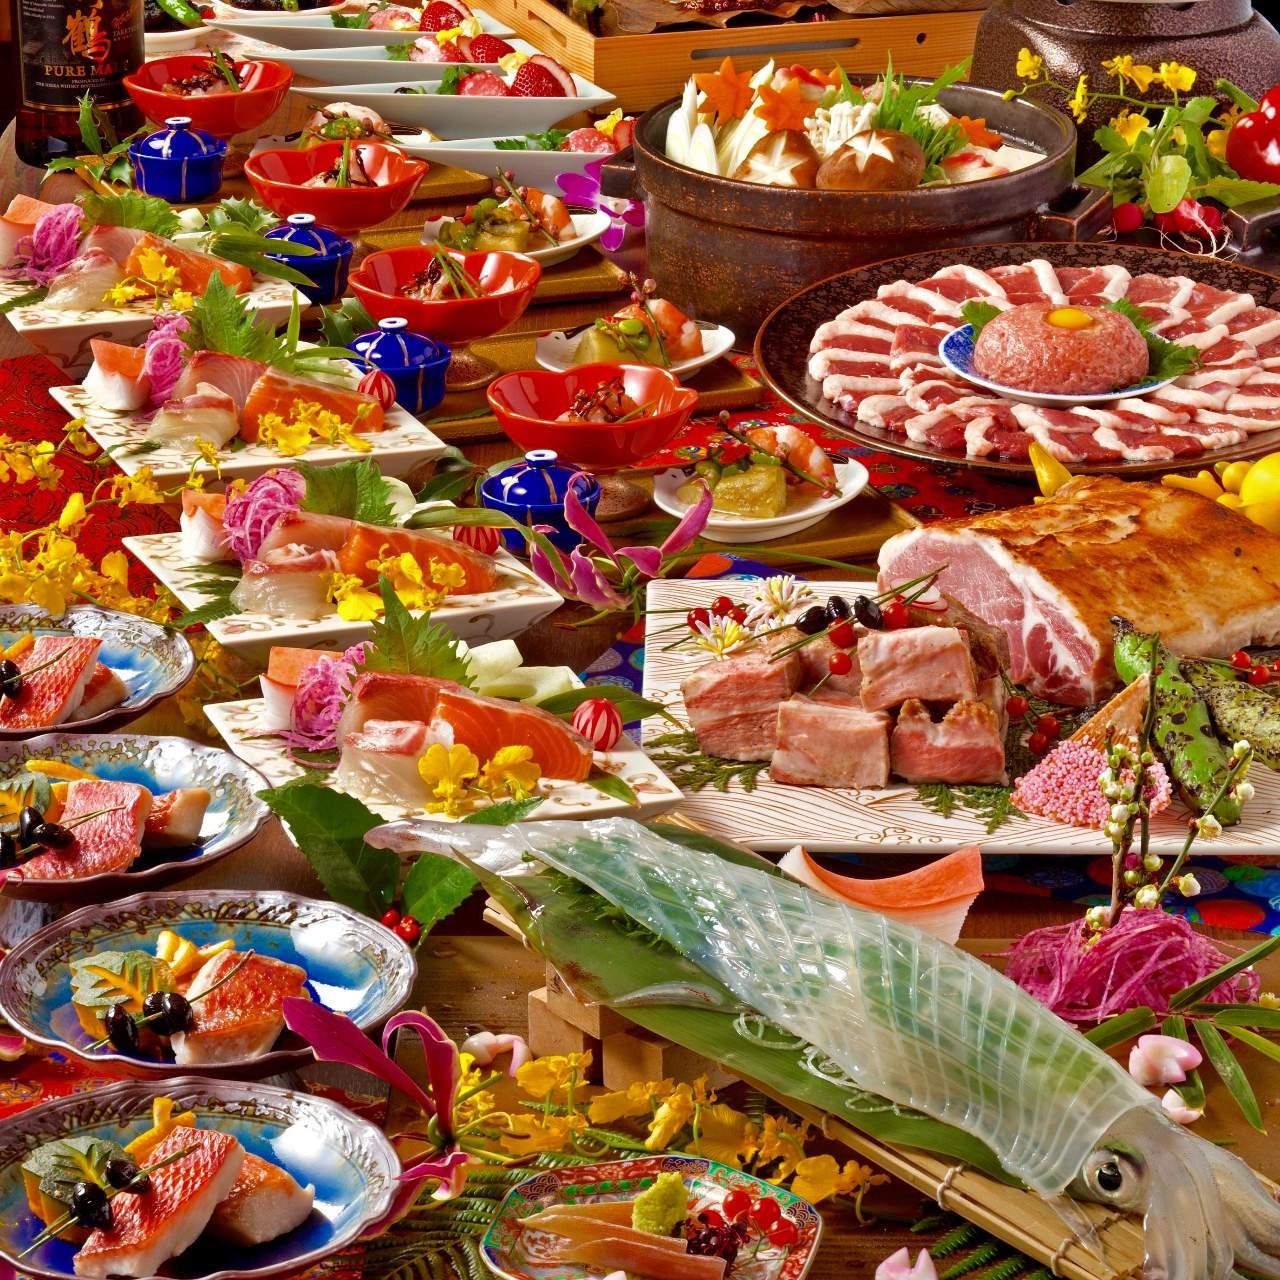 魚・肉・野菜の全てが鮮度と質にこだわっております。